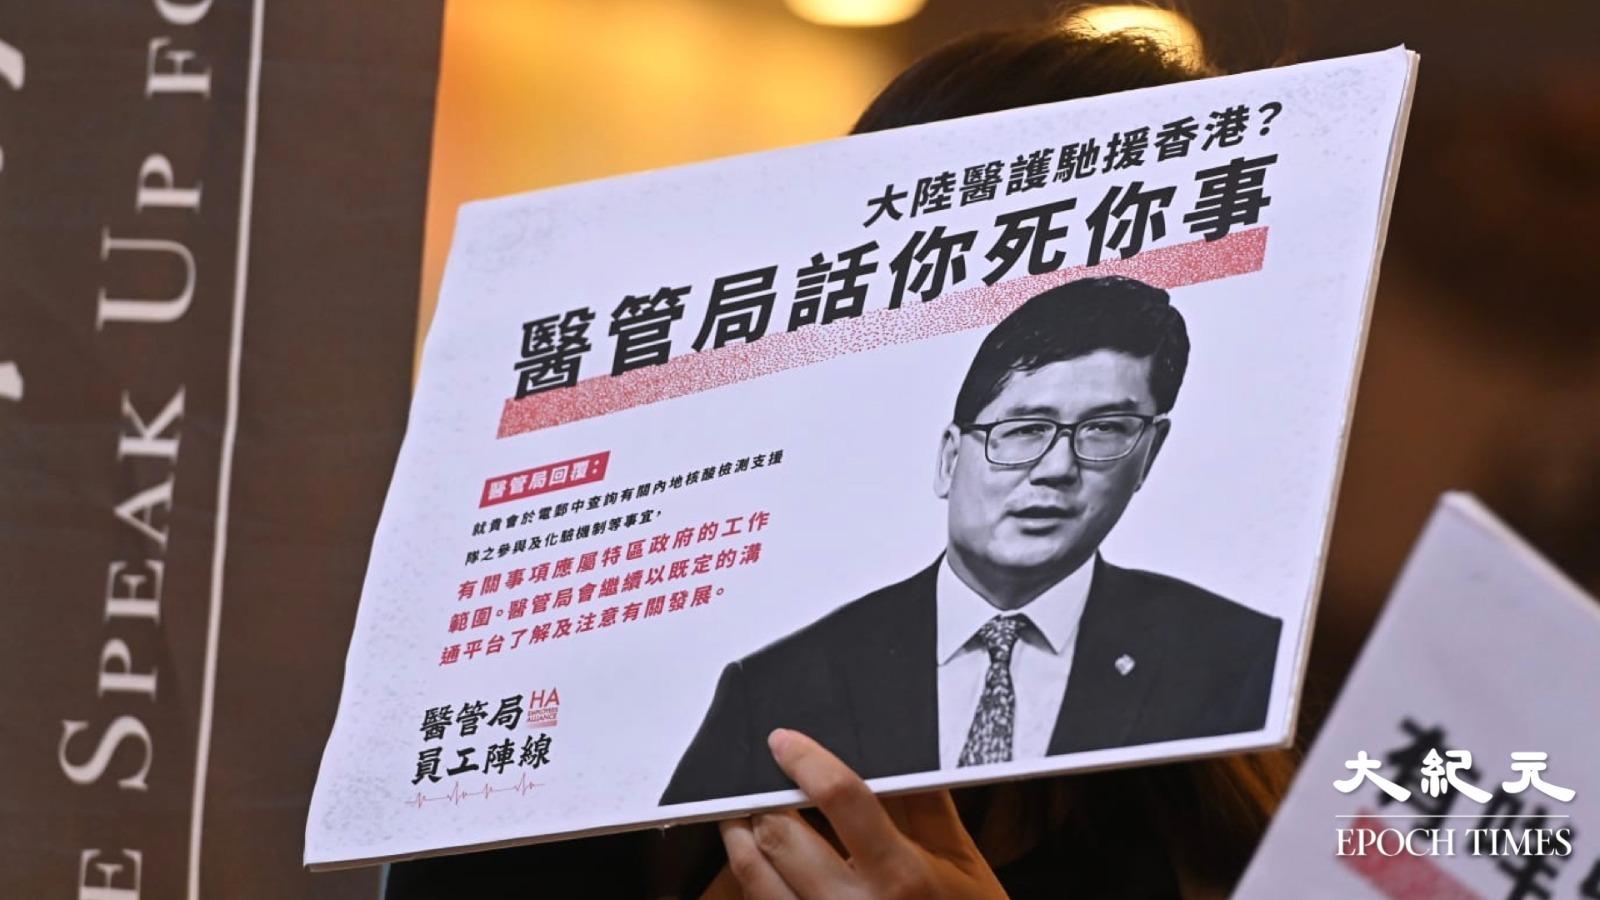 醫管局員工陣線抗議政府防疫不當「四宗罪」。(宋碧龍/大紀元)